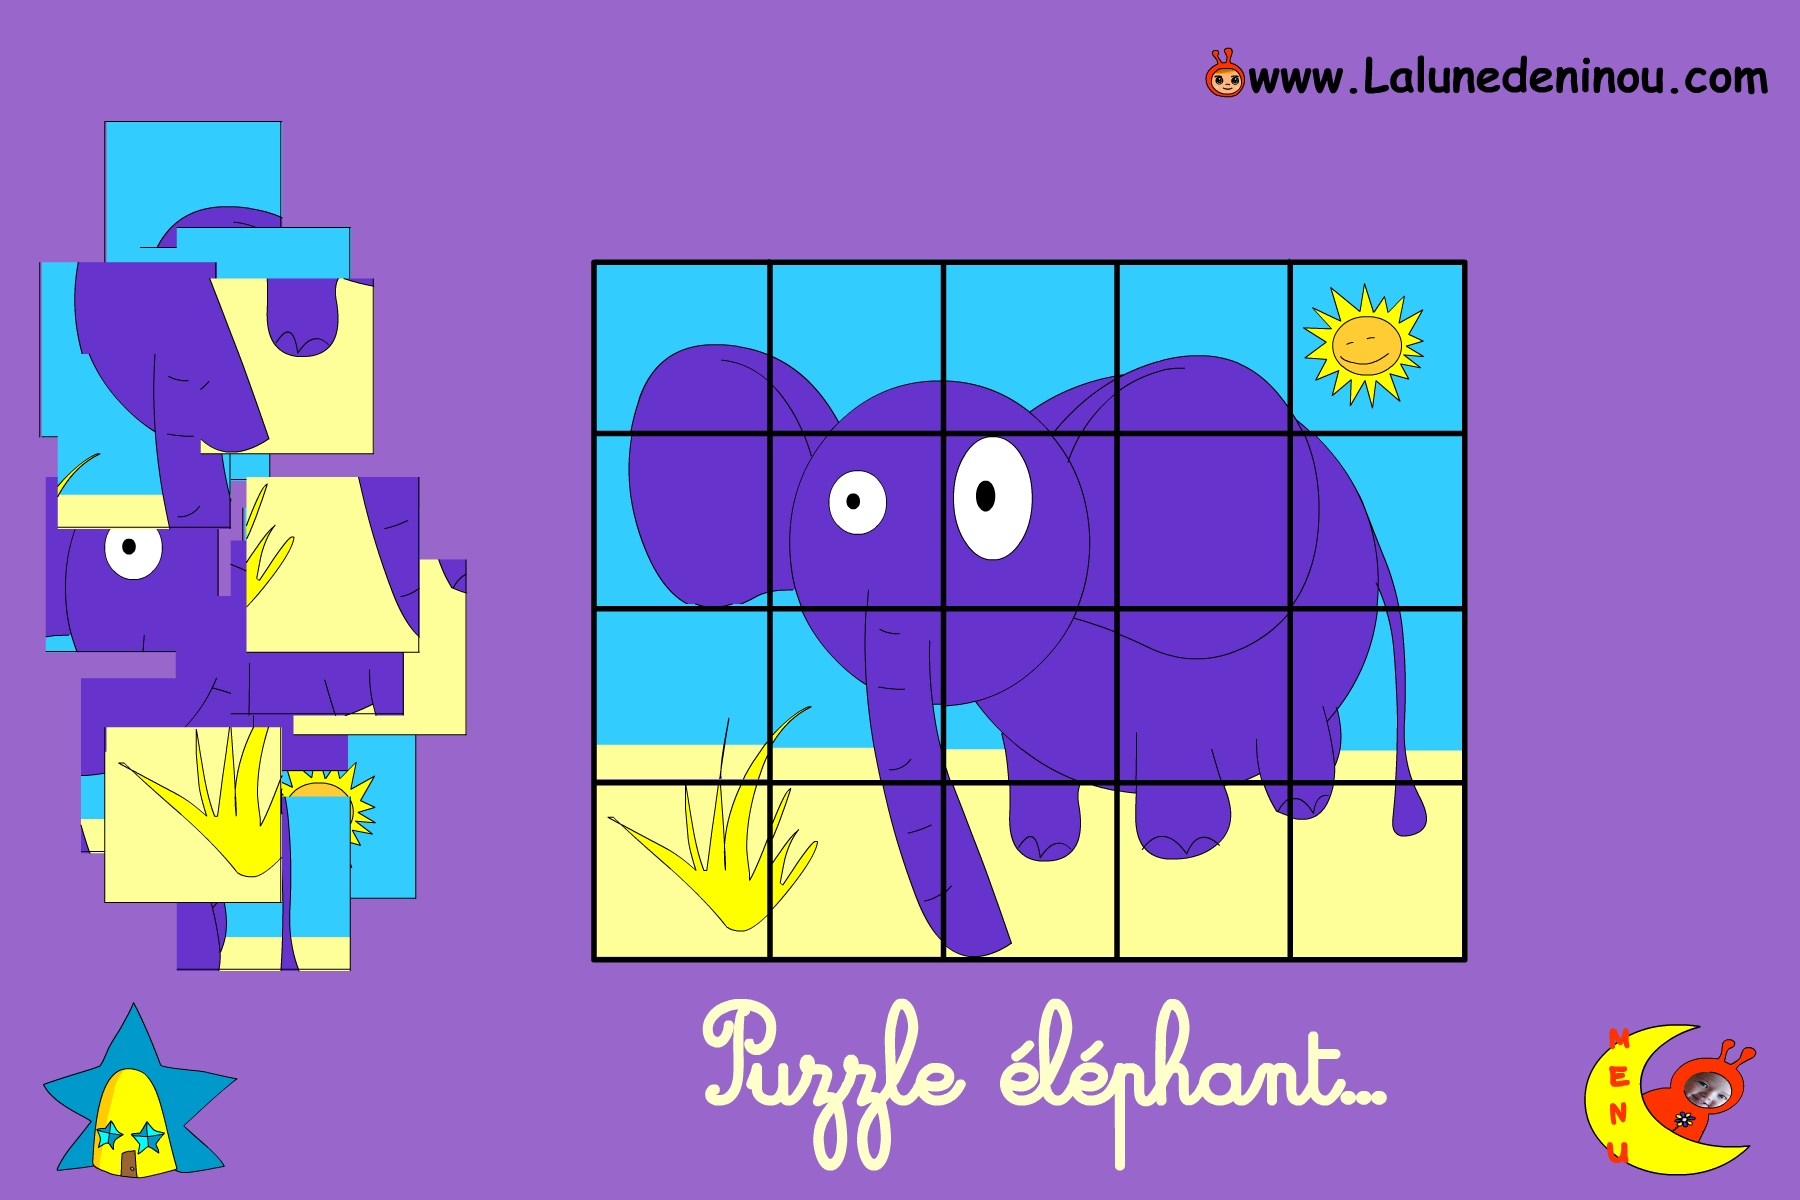 Puzzle En Ligne Pour Enfant De Maternelle - Lalunedeninou concernant Jeux Maternelle Gratuit